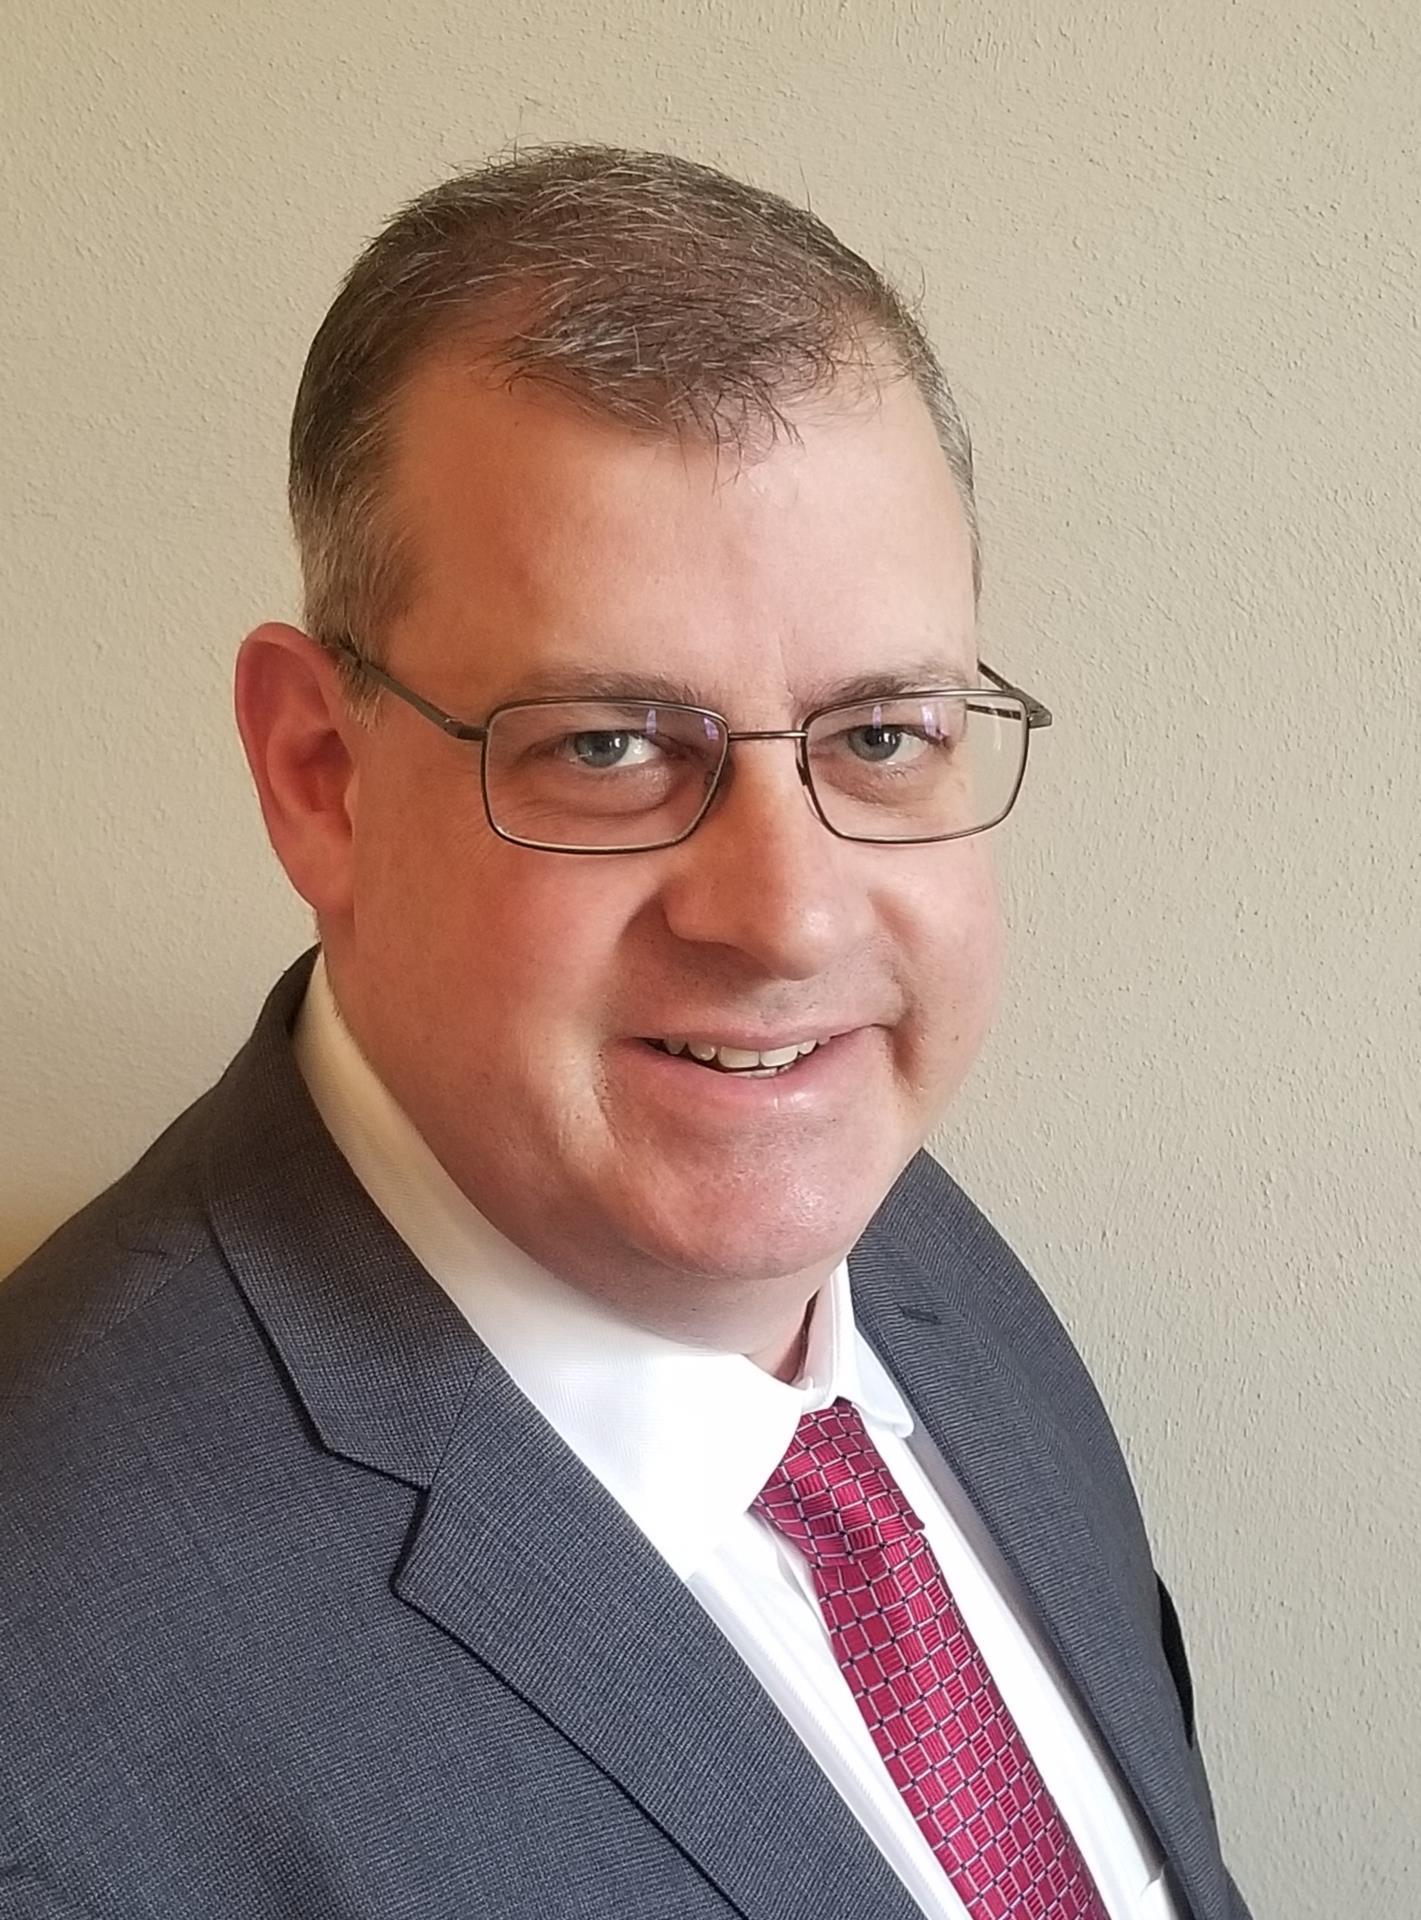 Board member Scott Wilson